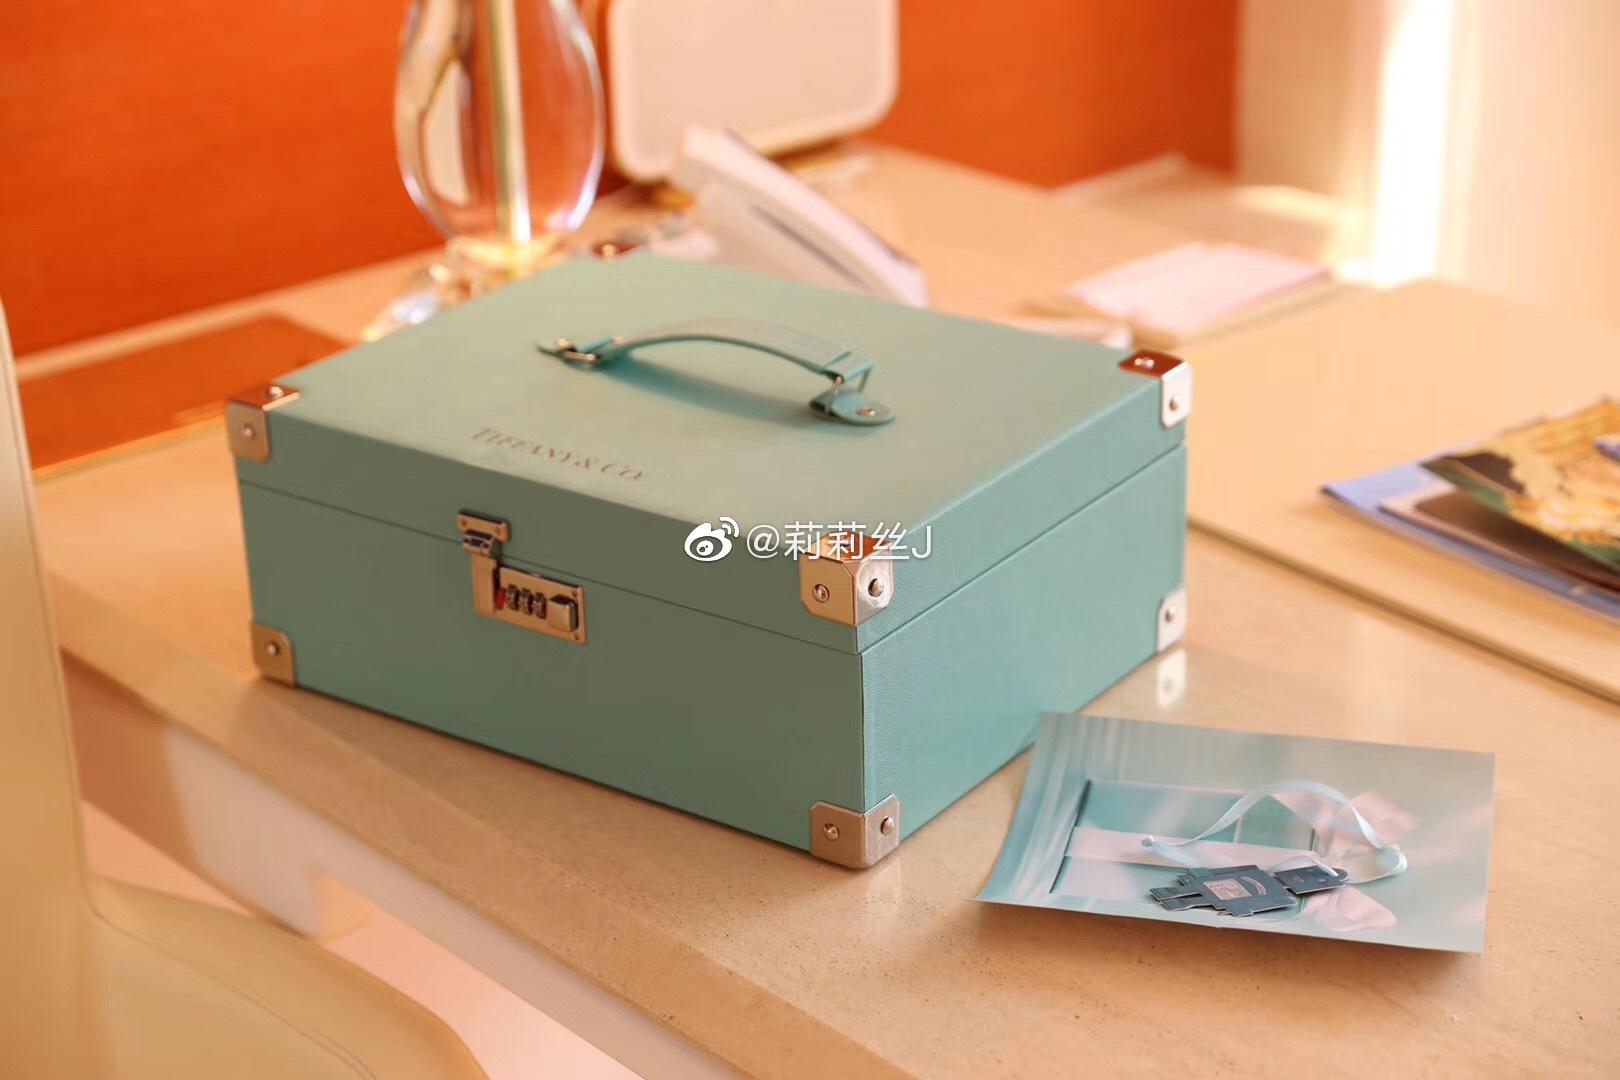 Tiffany 蒂凡尼 蒂芙尼 月餅禮盒不專門想文案咯識貨